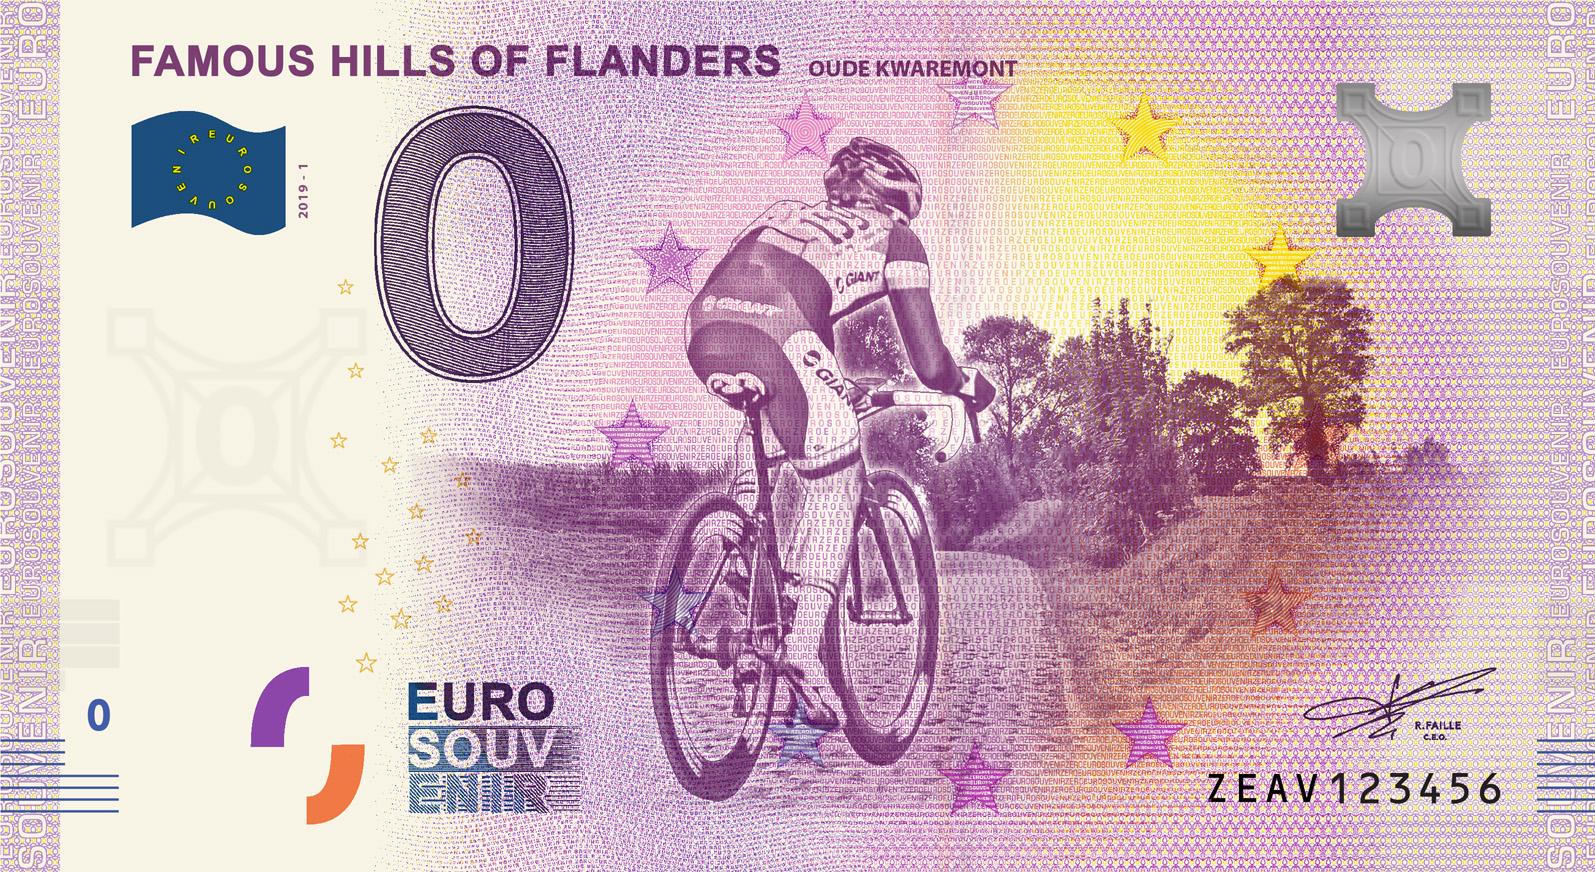 FRA_ZEAV1_Famous_Hills_of_Flanders_2019.jpg